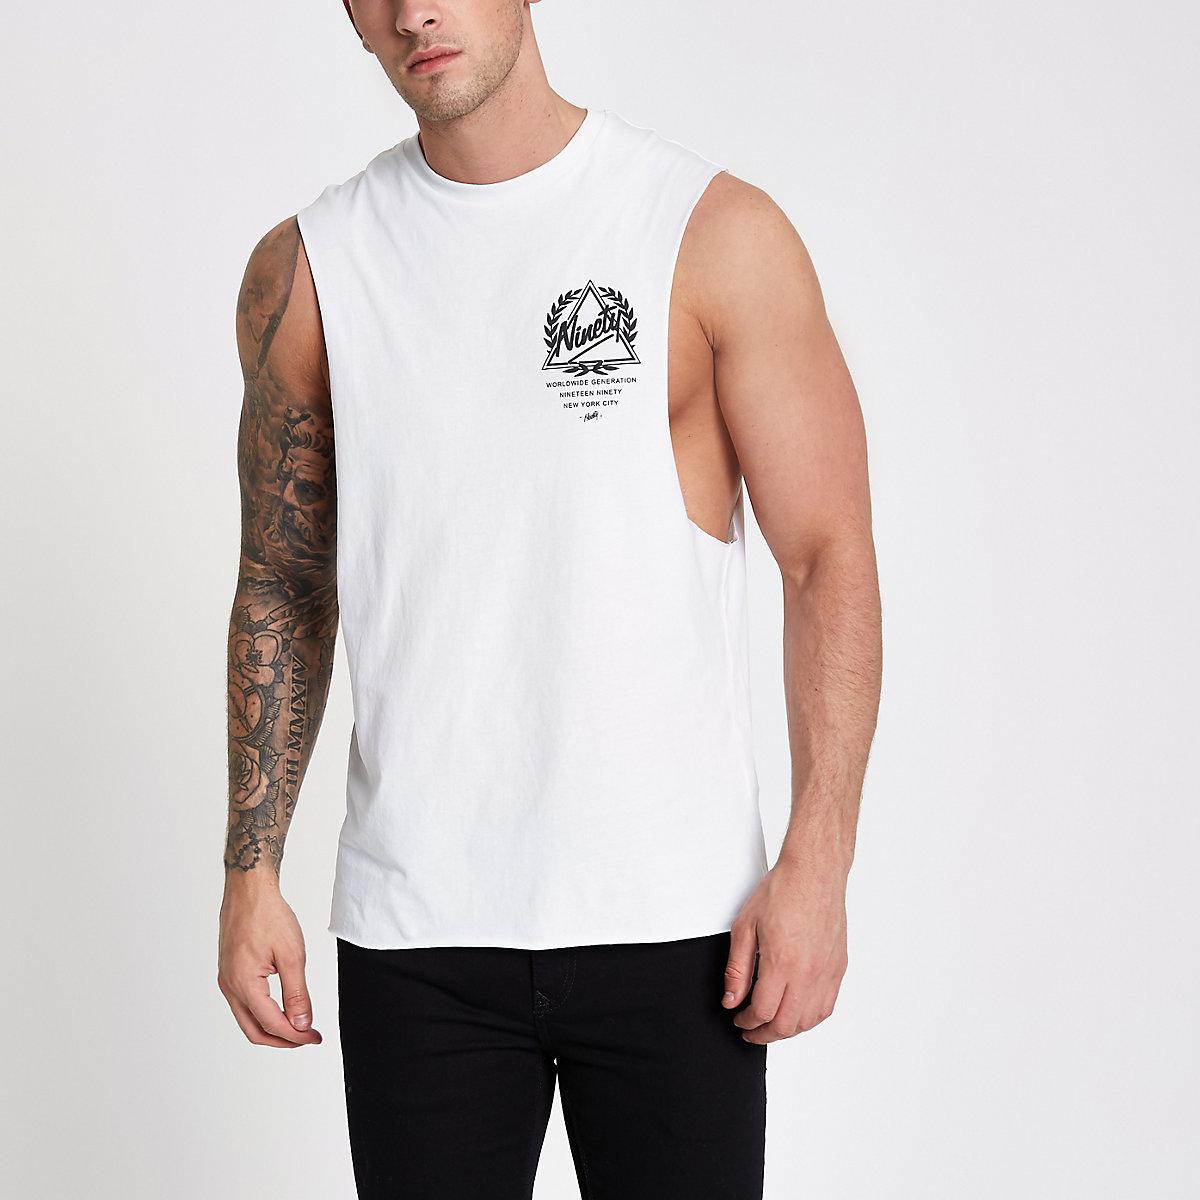 White 'ninety' tank vest